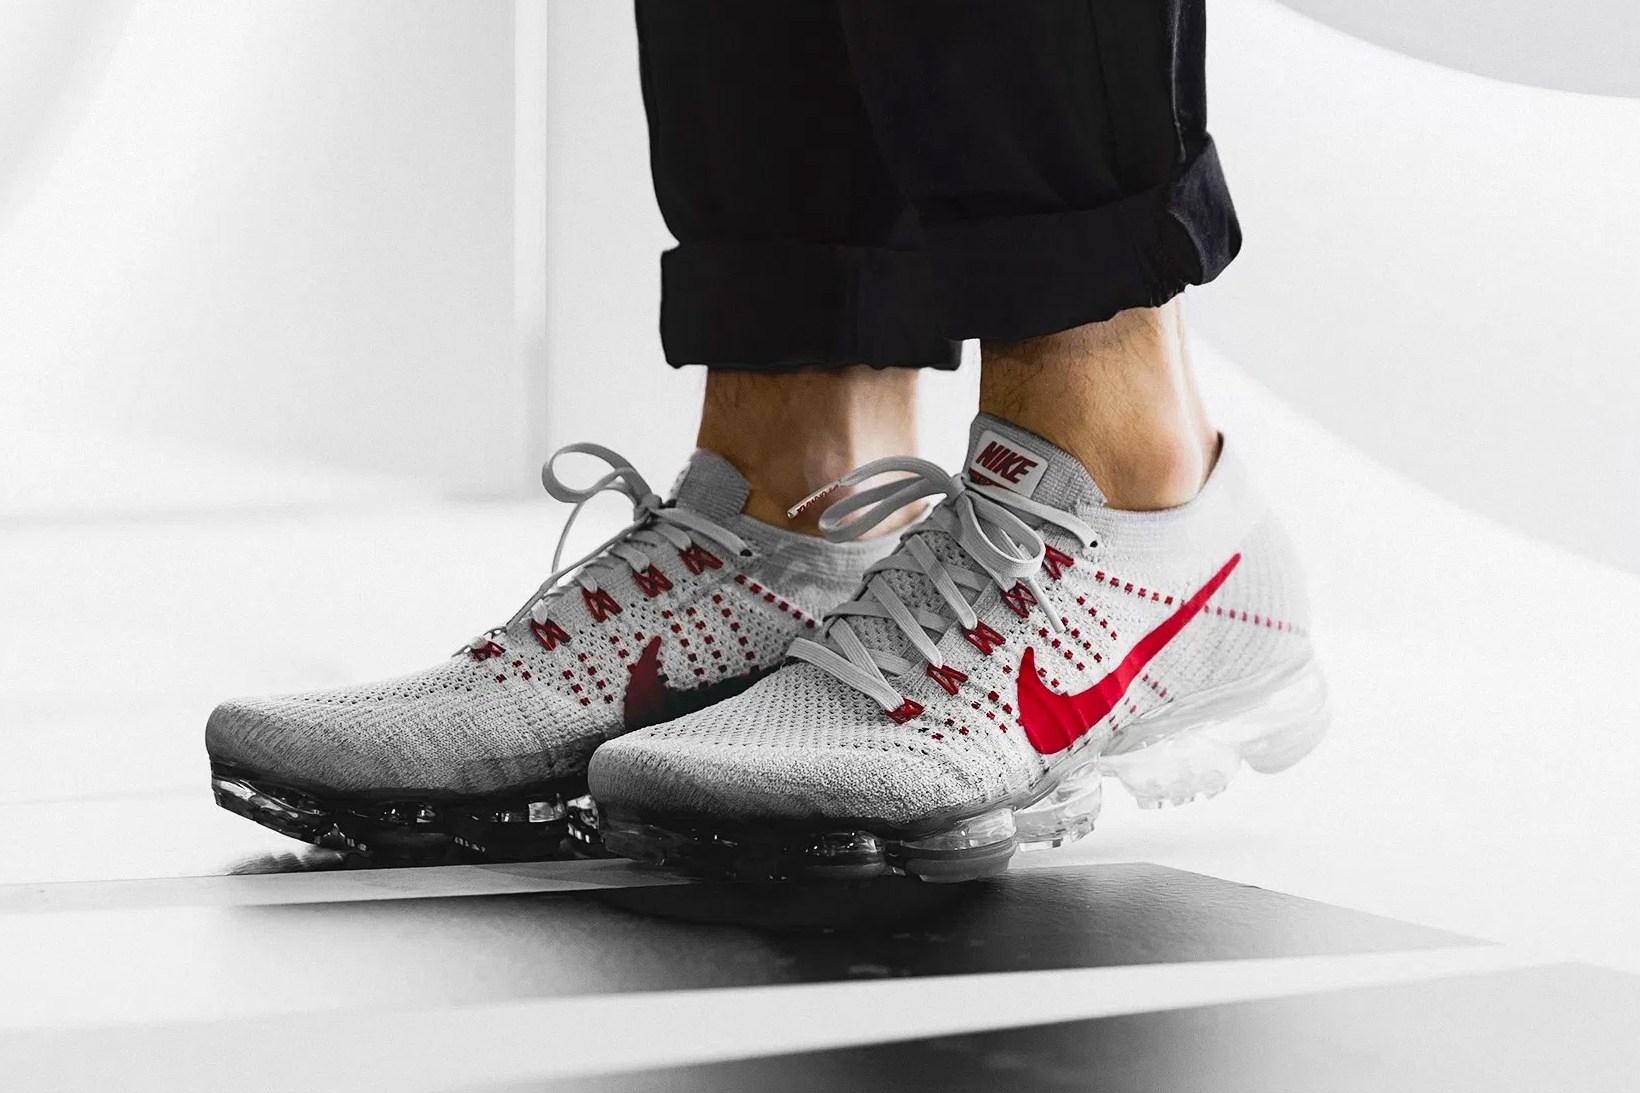 Un nouveau regard sur les derniers coloris de la Nike VaporMax avant leur sortie